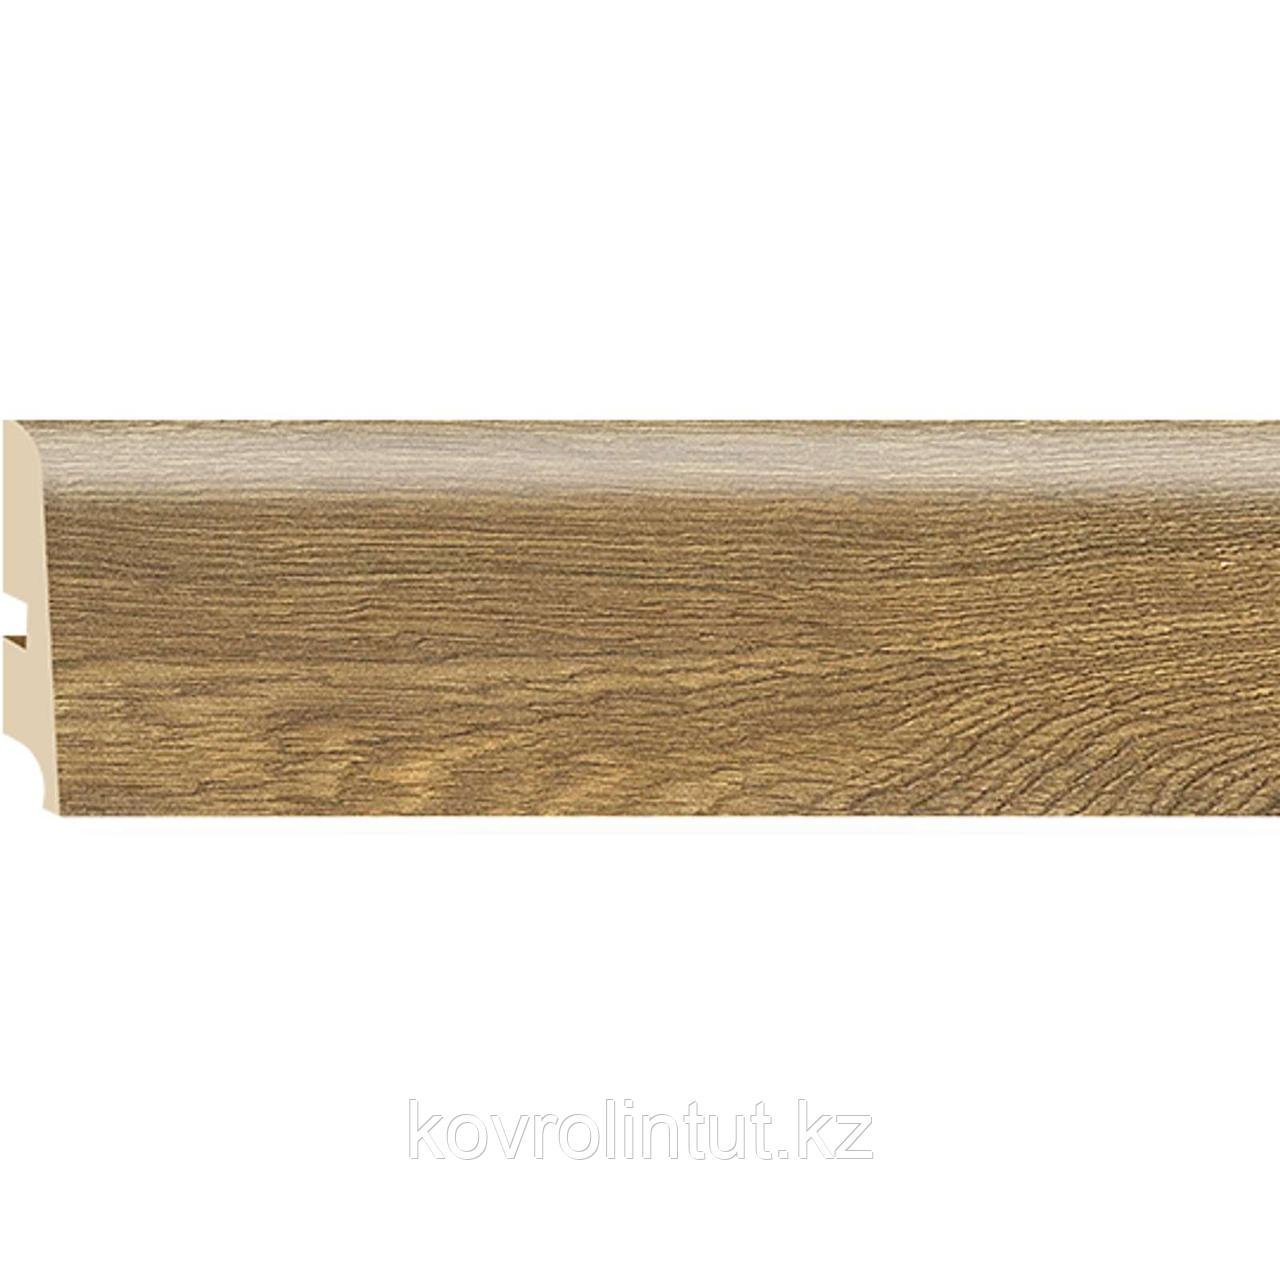 Плинтус Kronopol P85 4578 Sparrow Oak, 2500х85х16мм, 9шт/уп